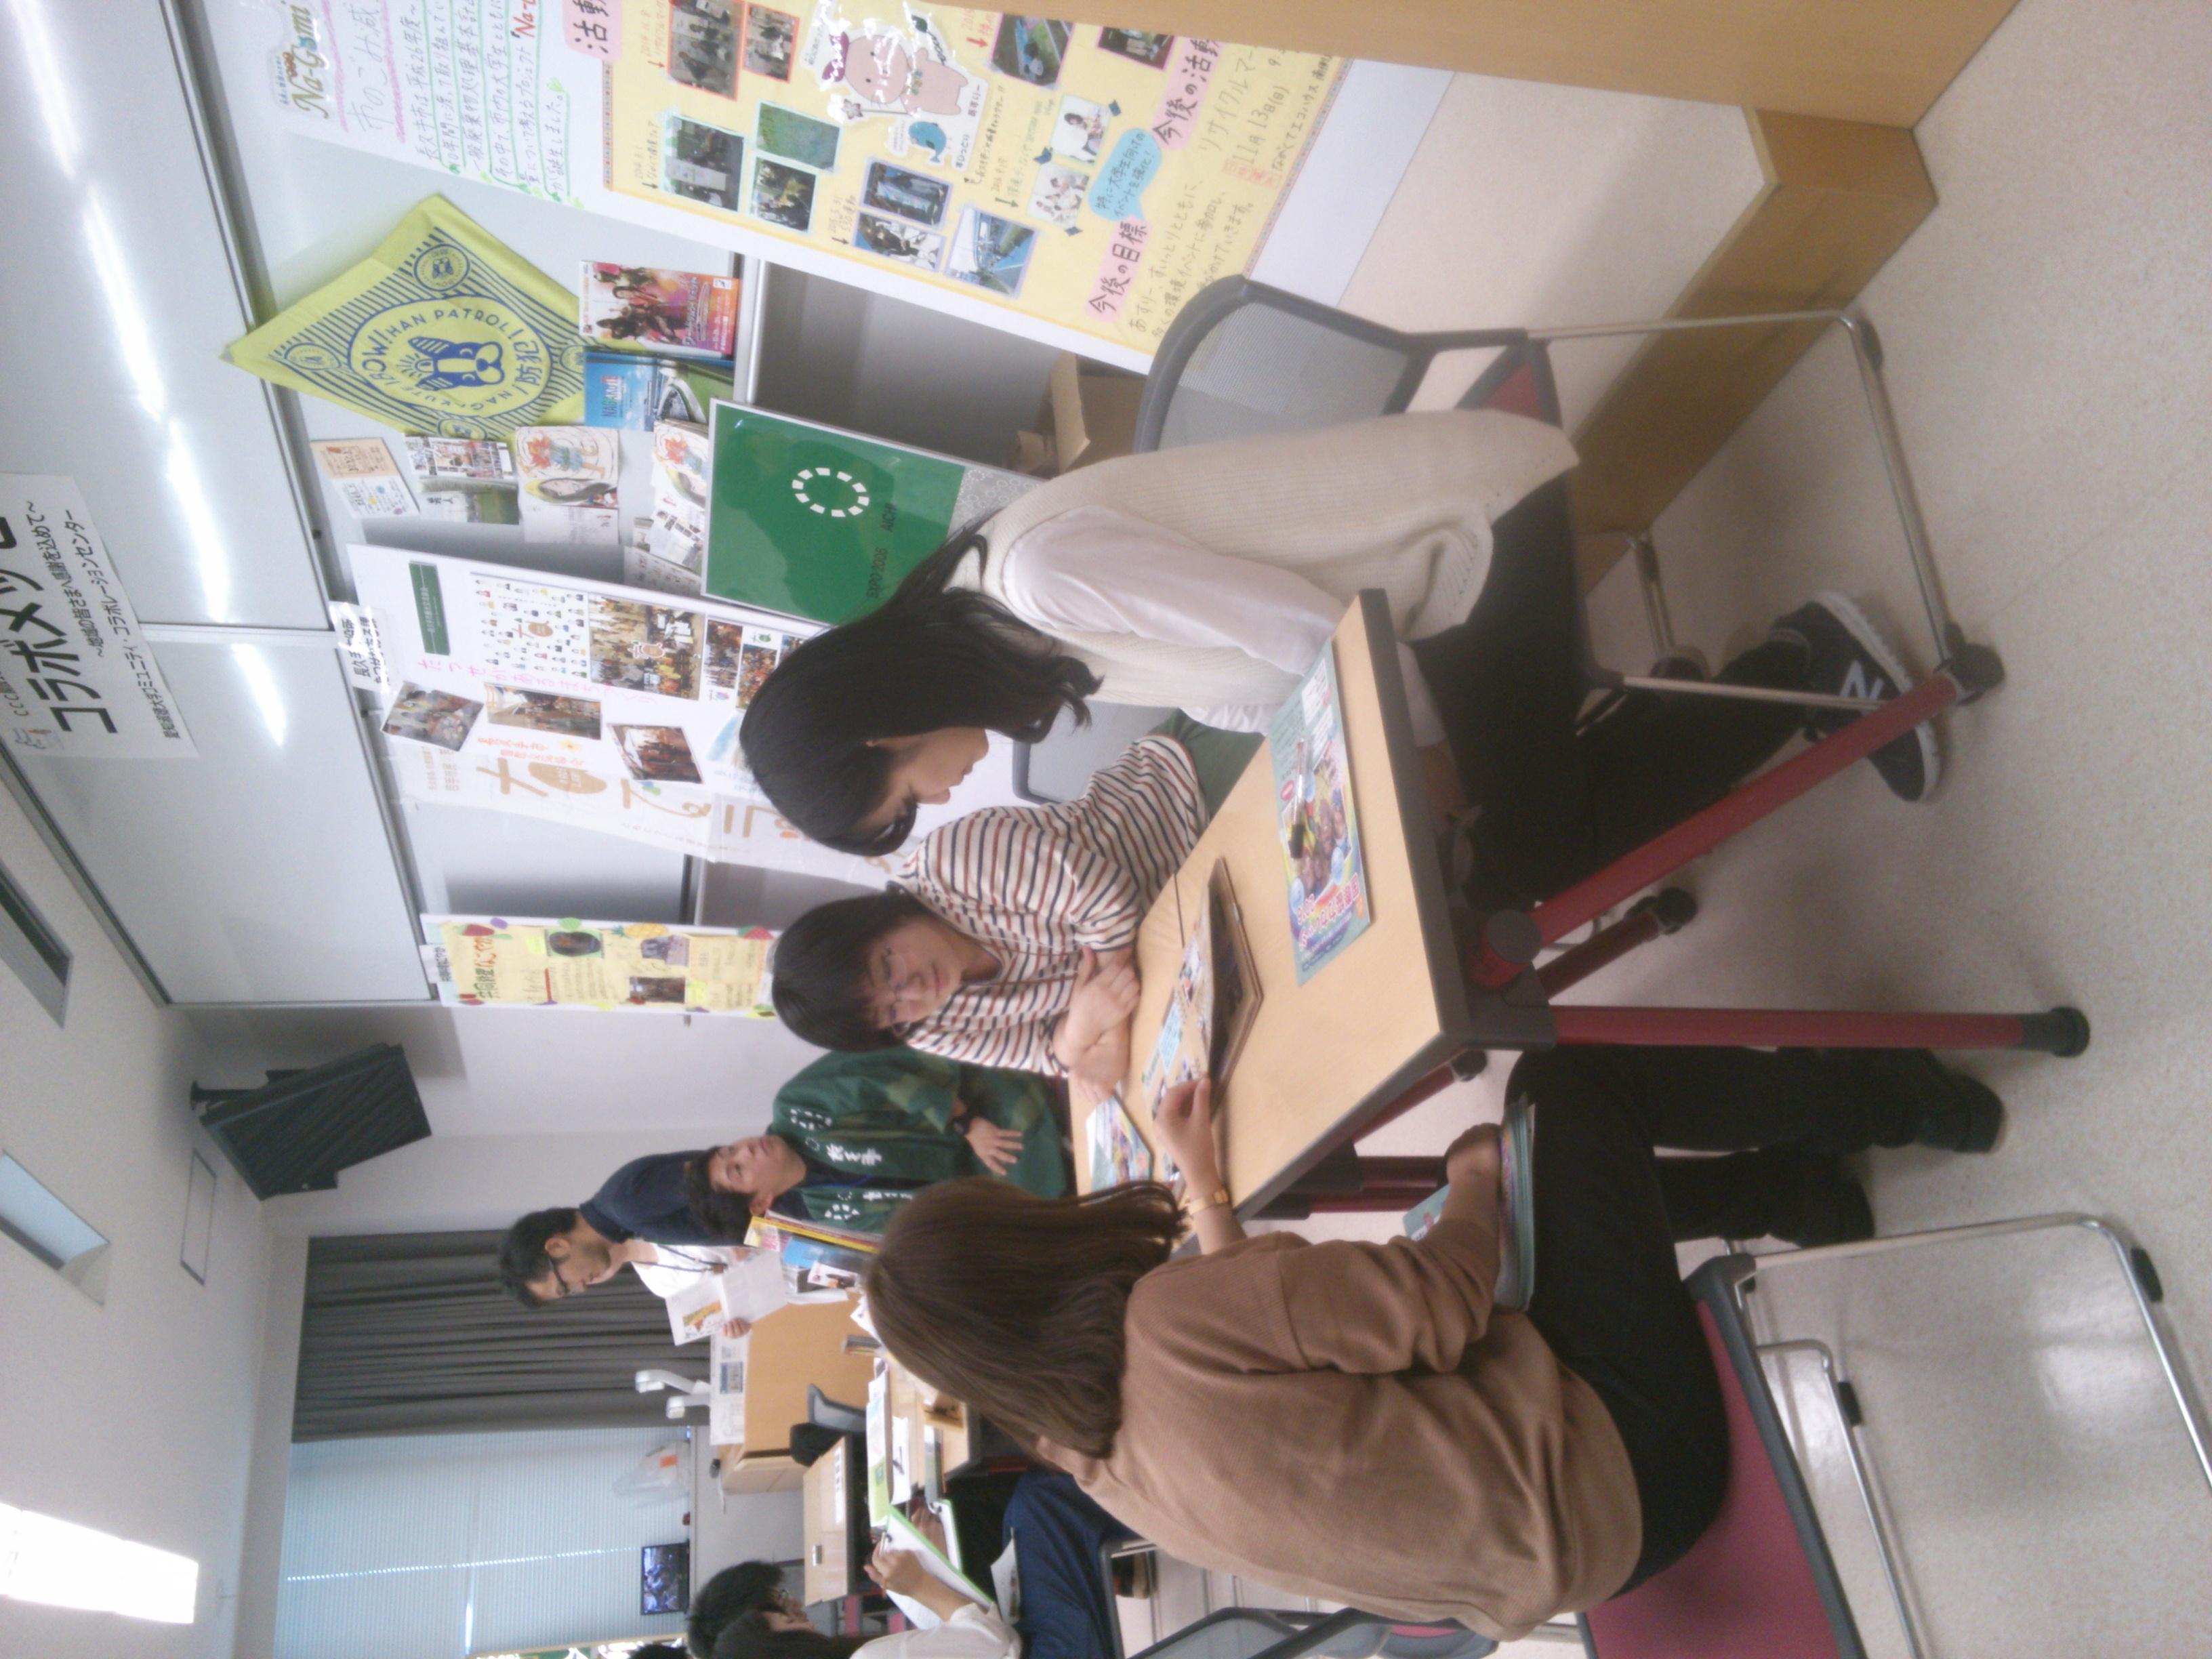 愛知淑徳大学CCC主催コラボメッセ